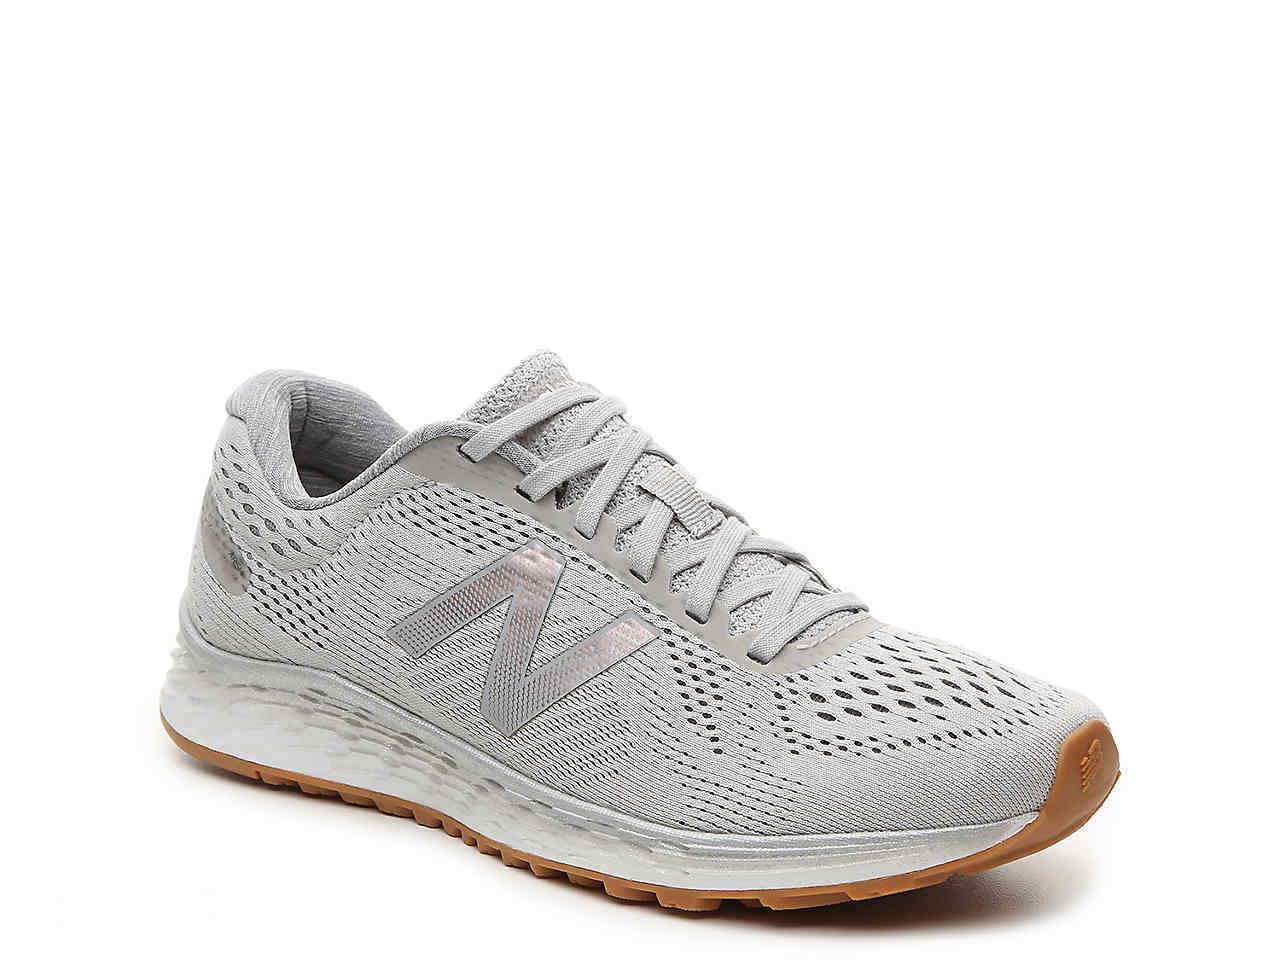 New Balance Fresh Foam Arishi Lightweight Running shoes Sneakers sz 11 NWB